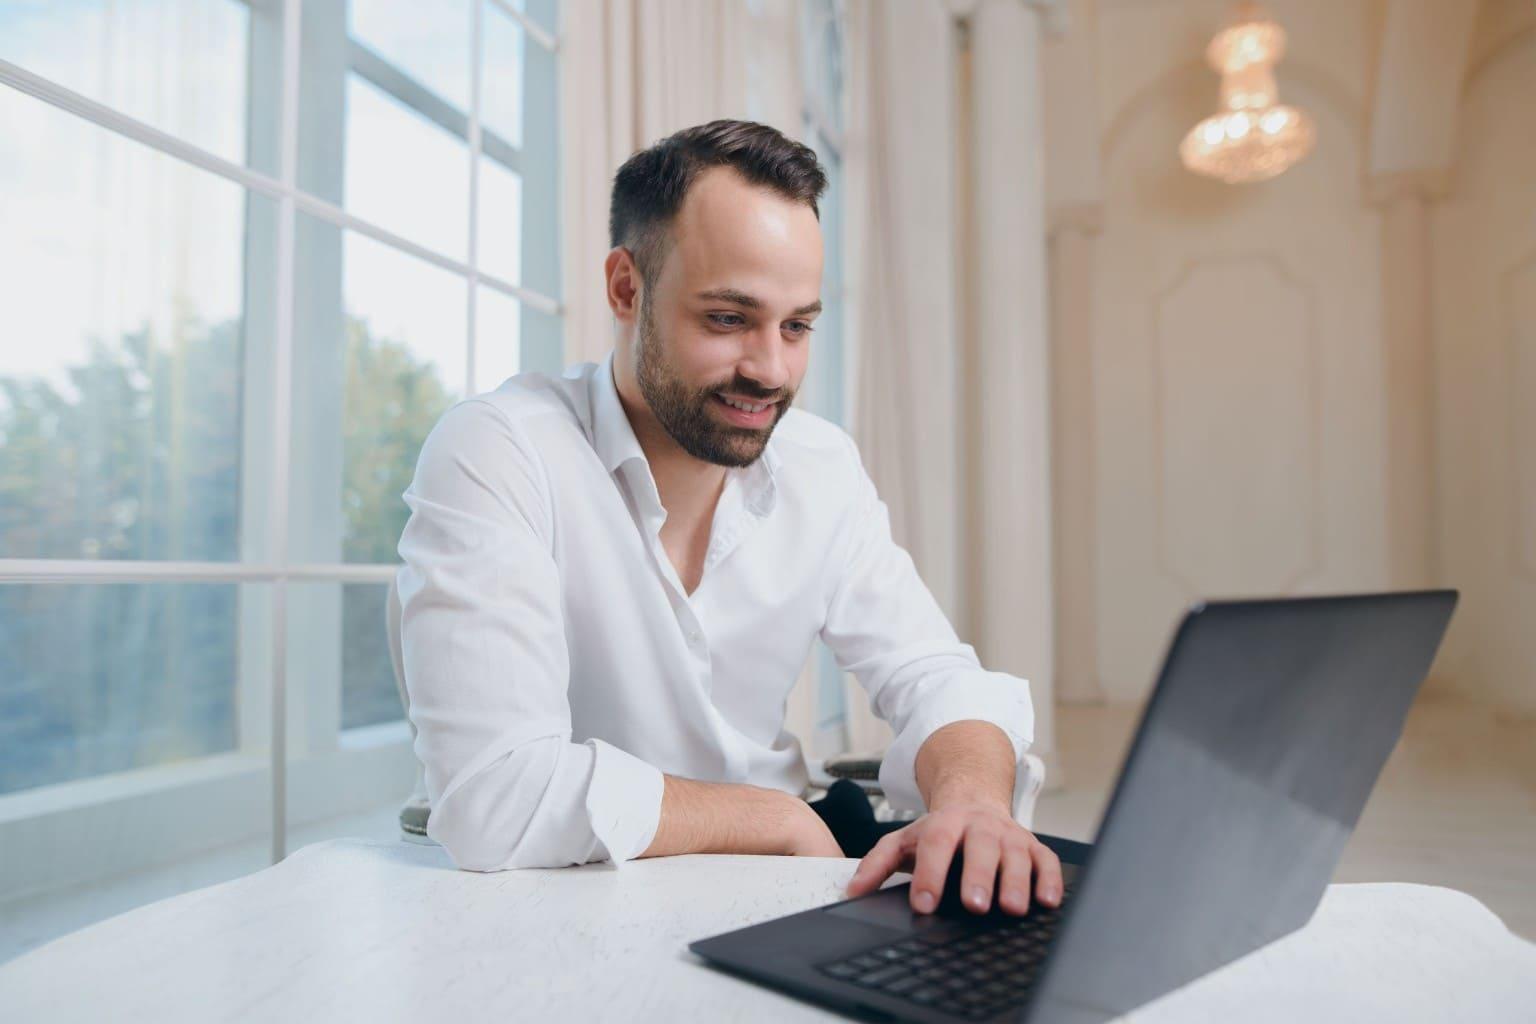 Man lees artikelen accountancy op laptop